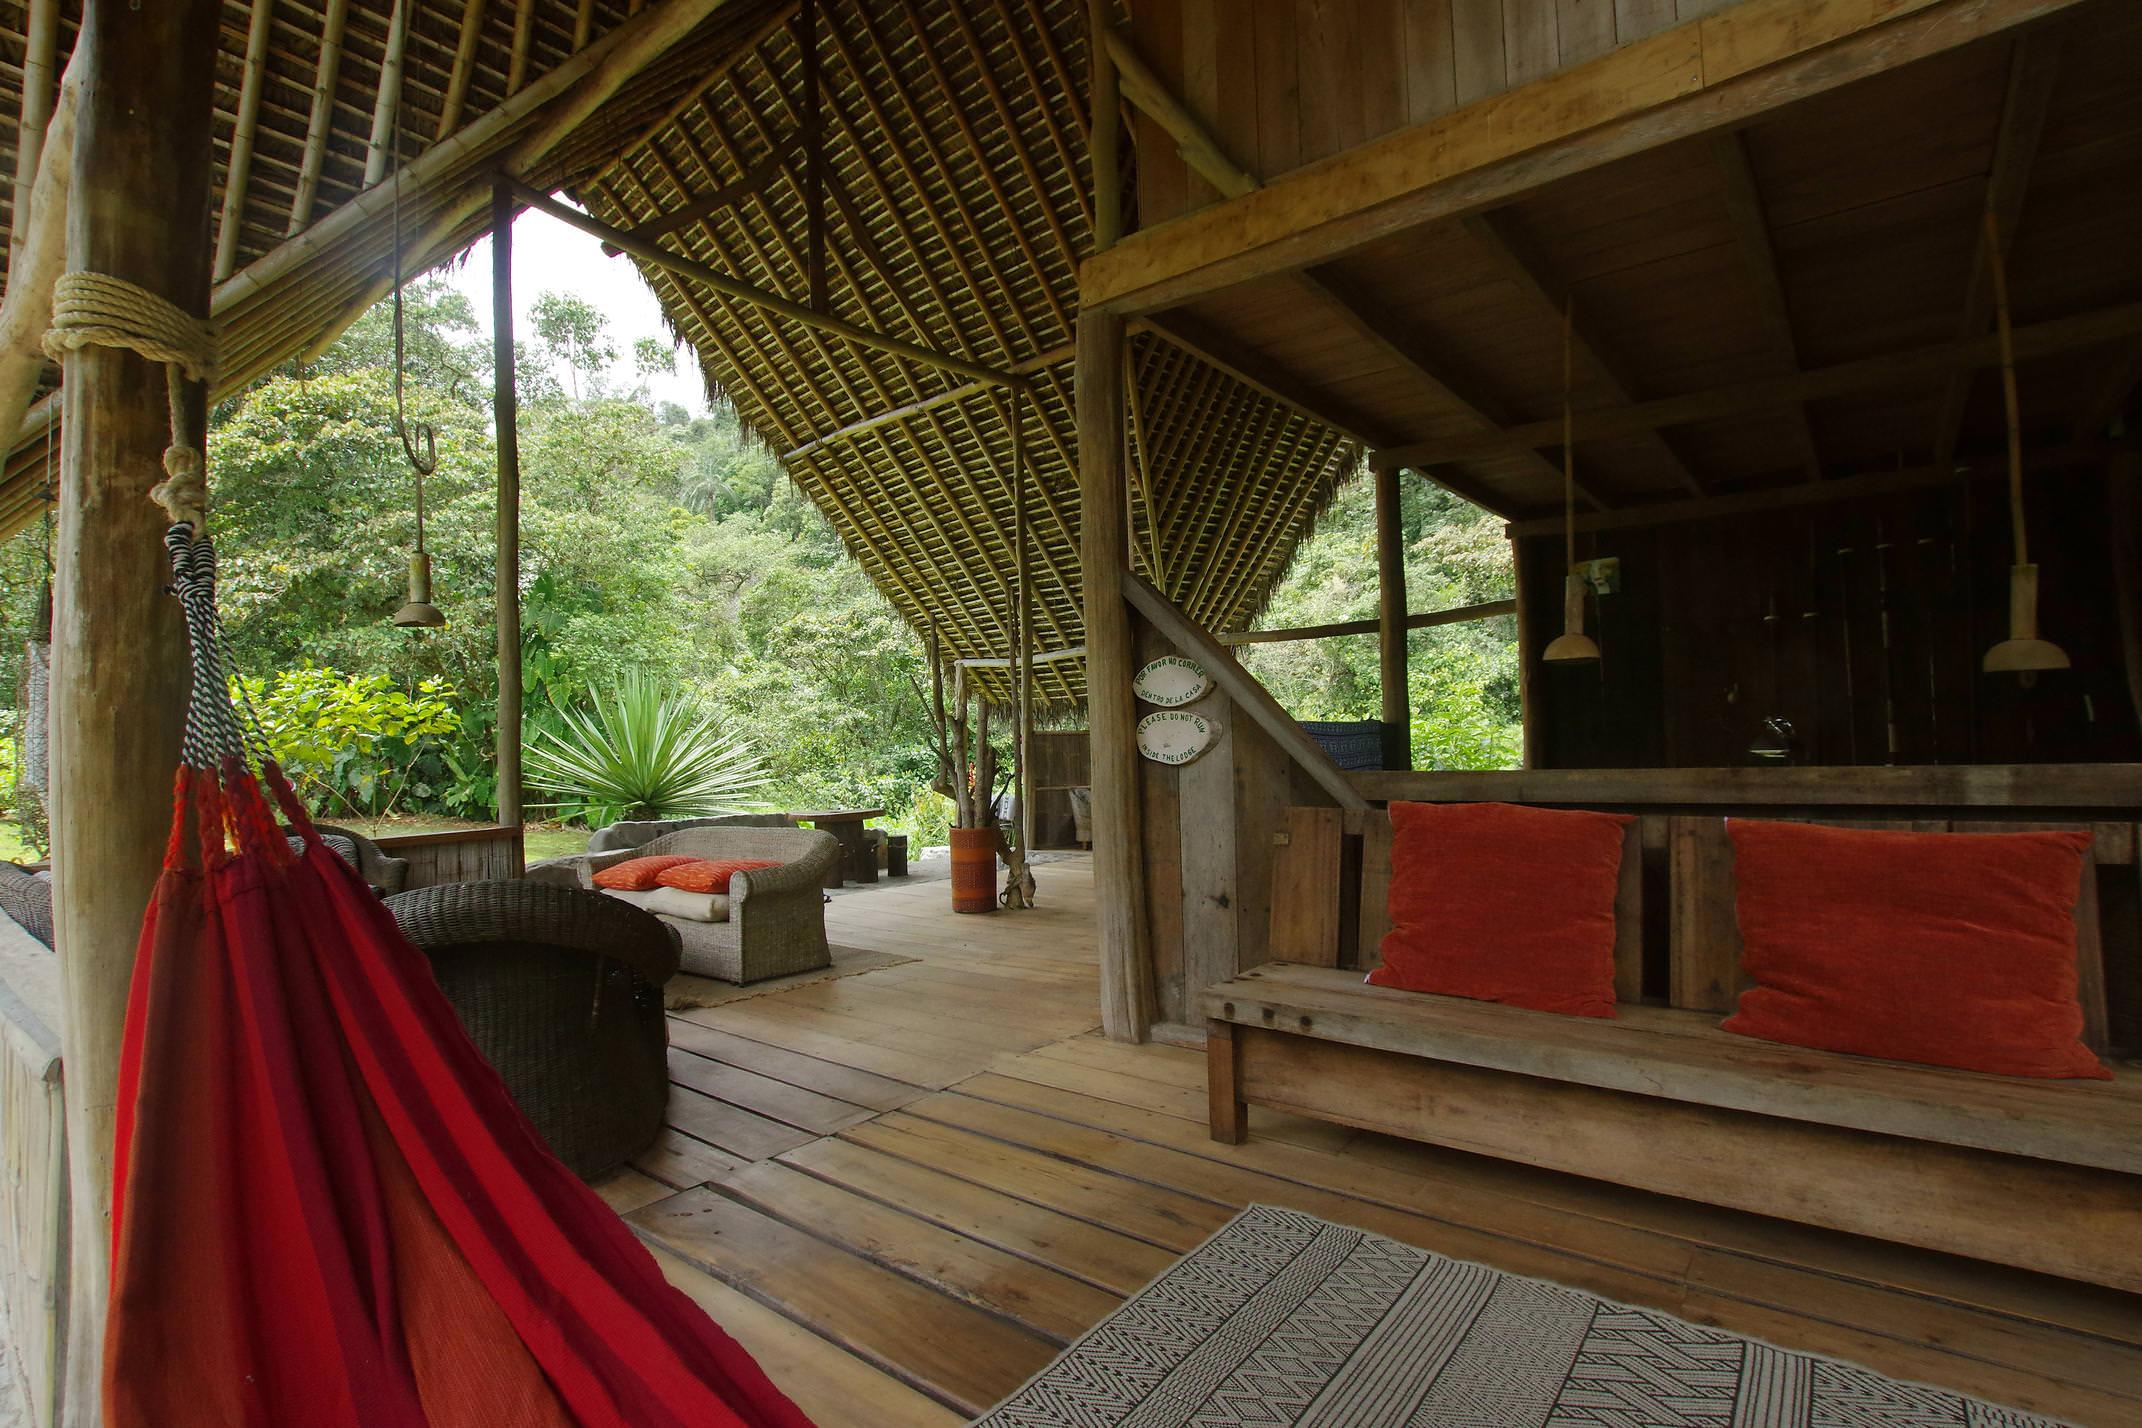 Ecuador mindo el monte lounge